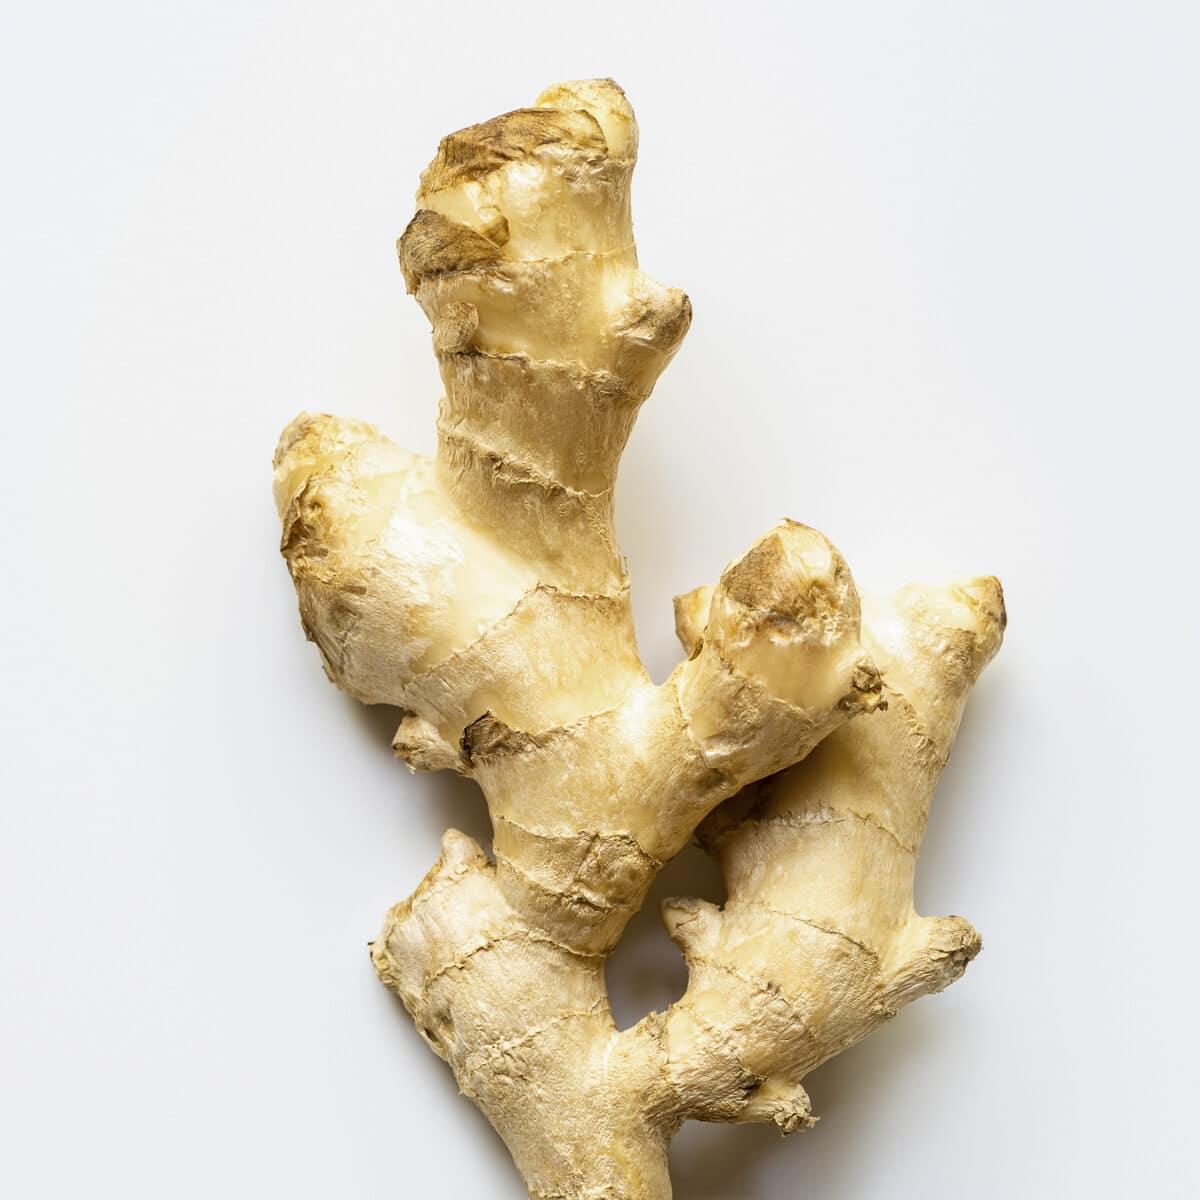 storing ginger